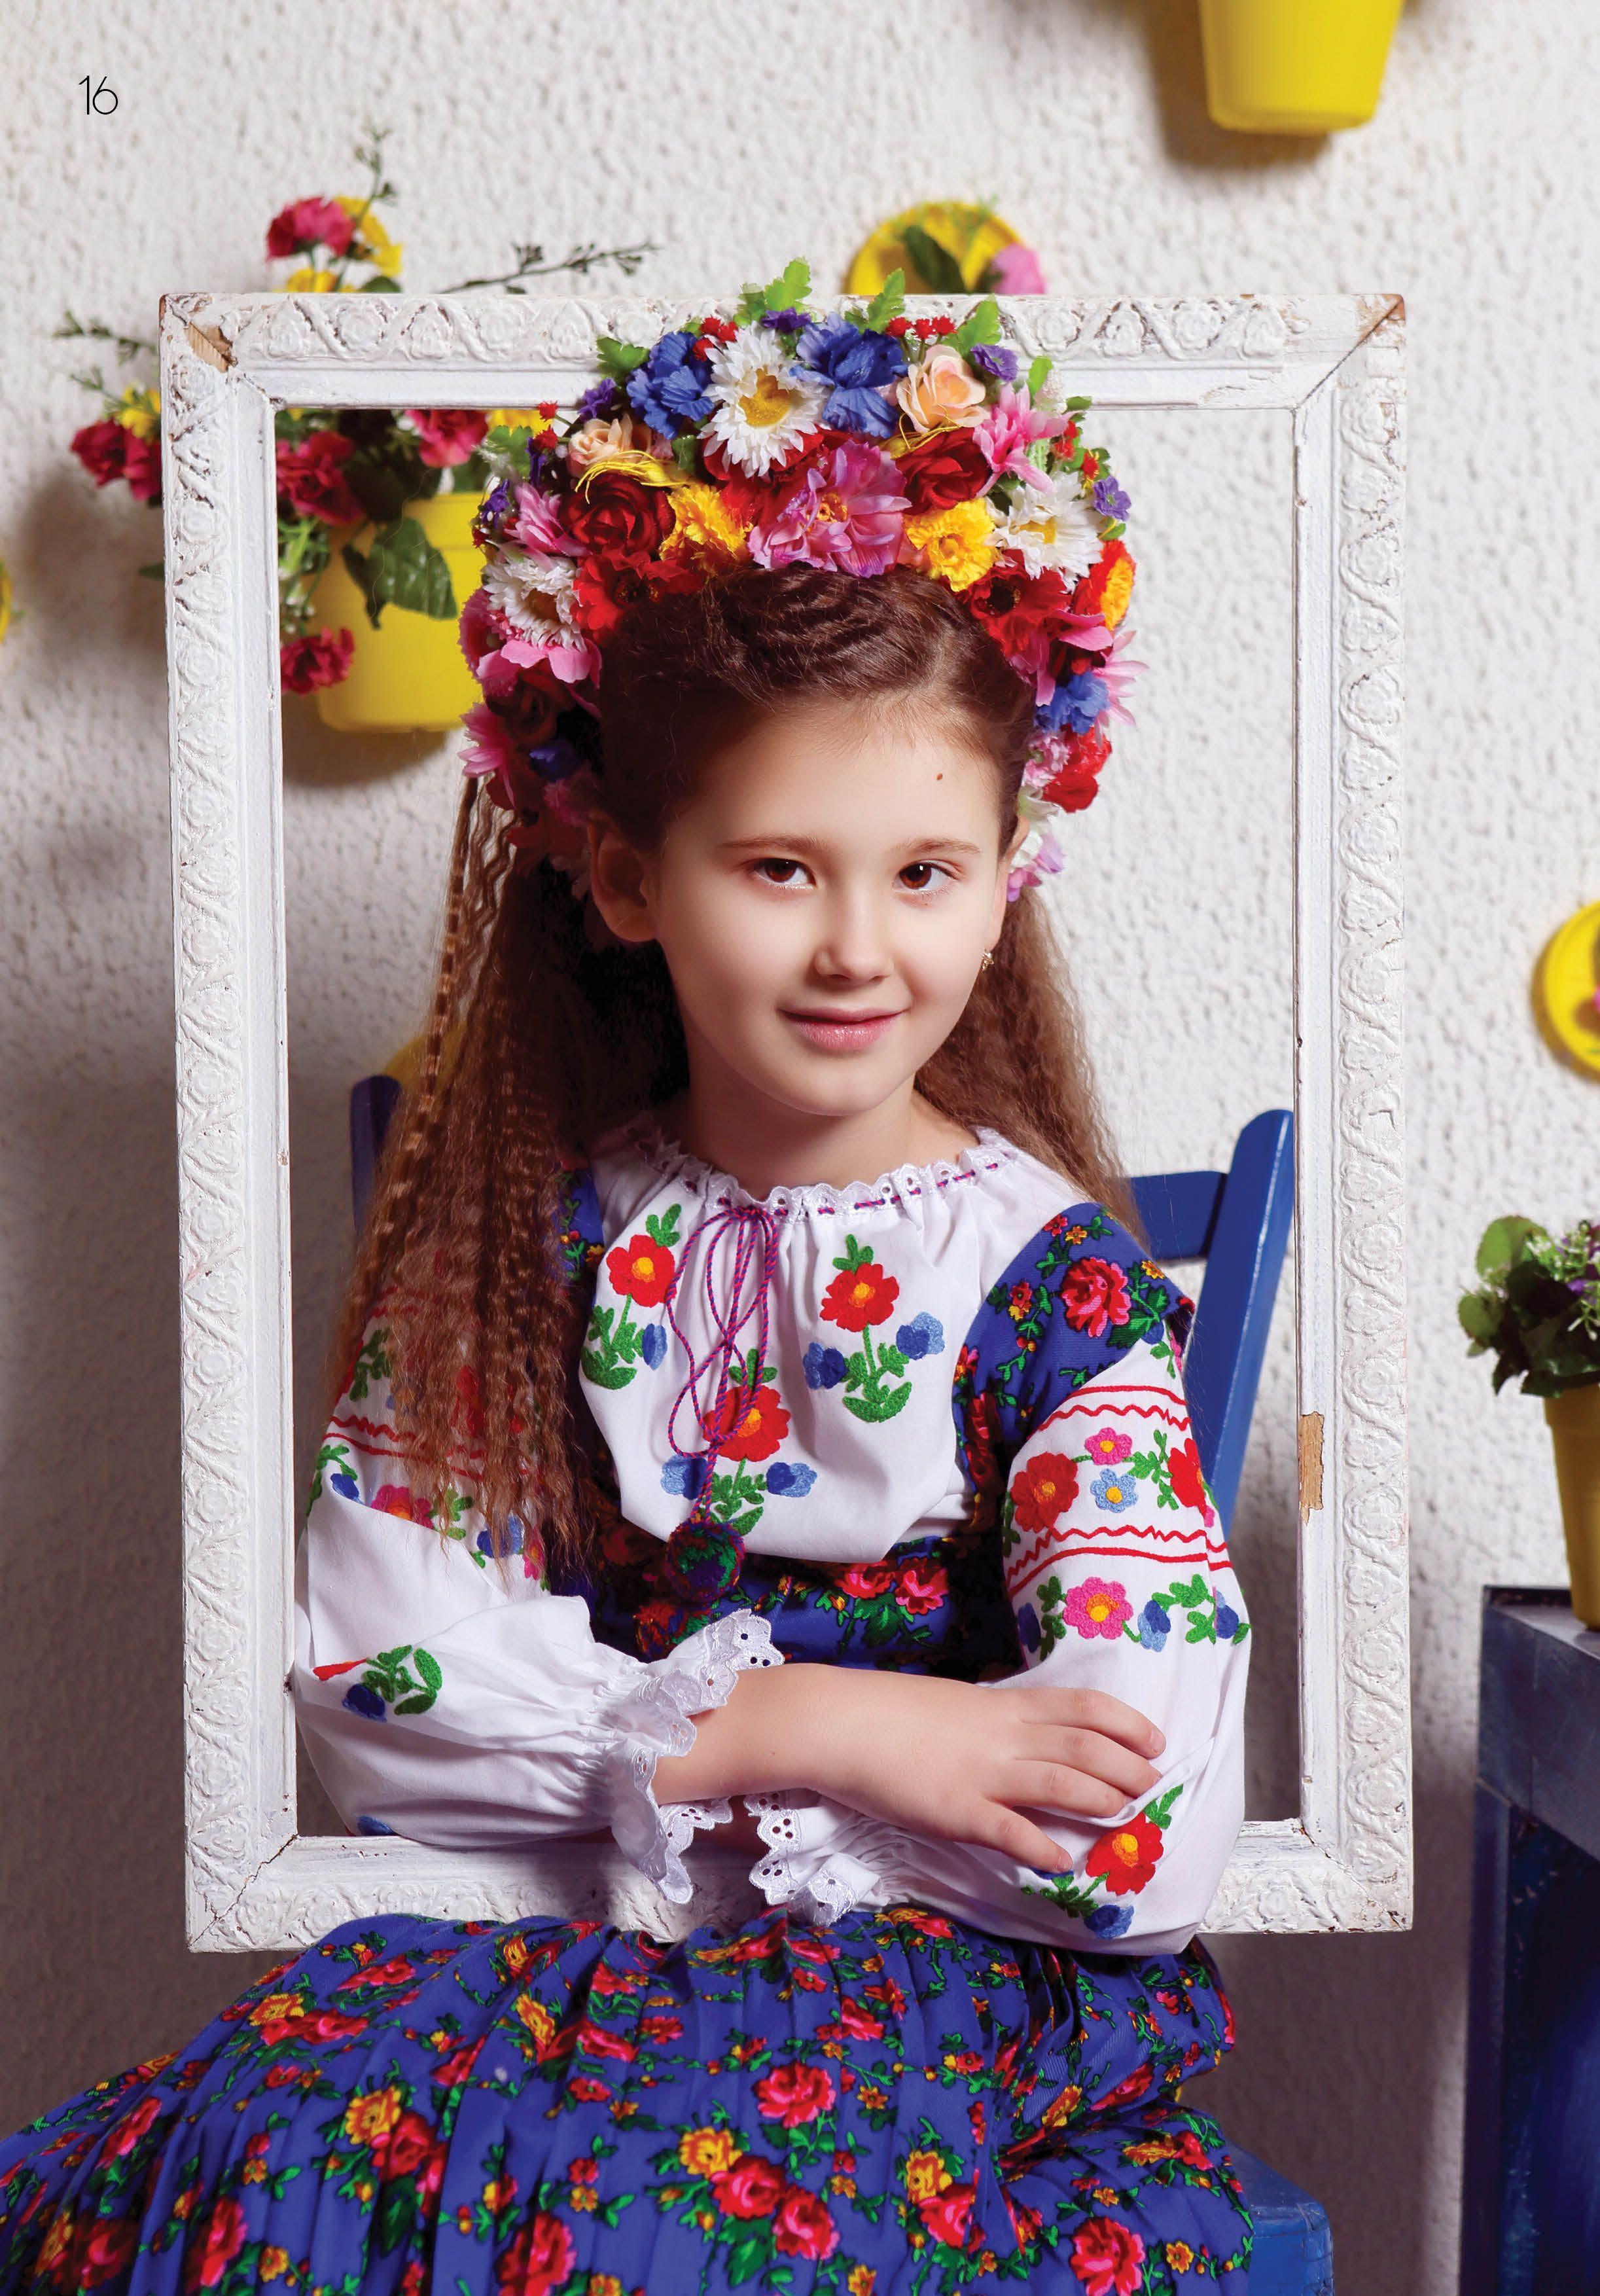 Дитяча вишиванка для дівчинки. Схема вишитої сорочки в журналі